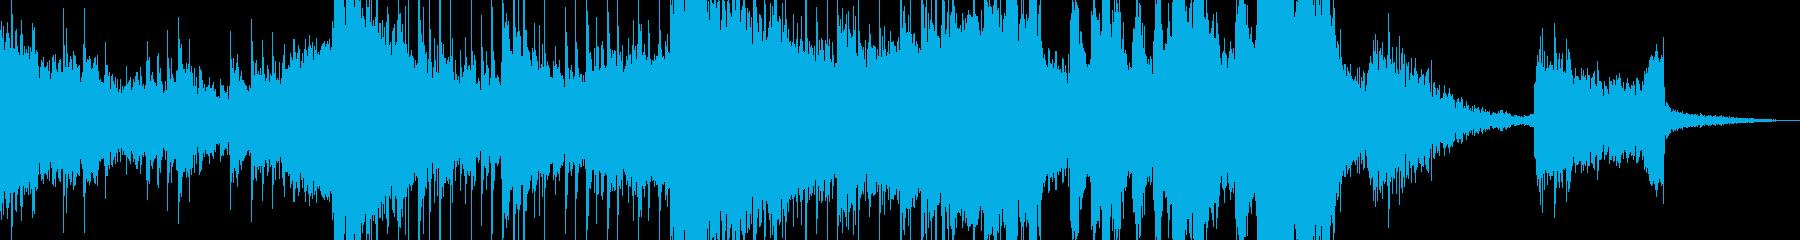 近未来的でダークなエレクトロニカの再生済みの波形